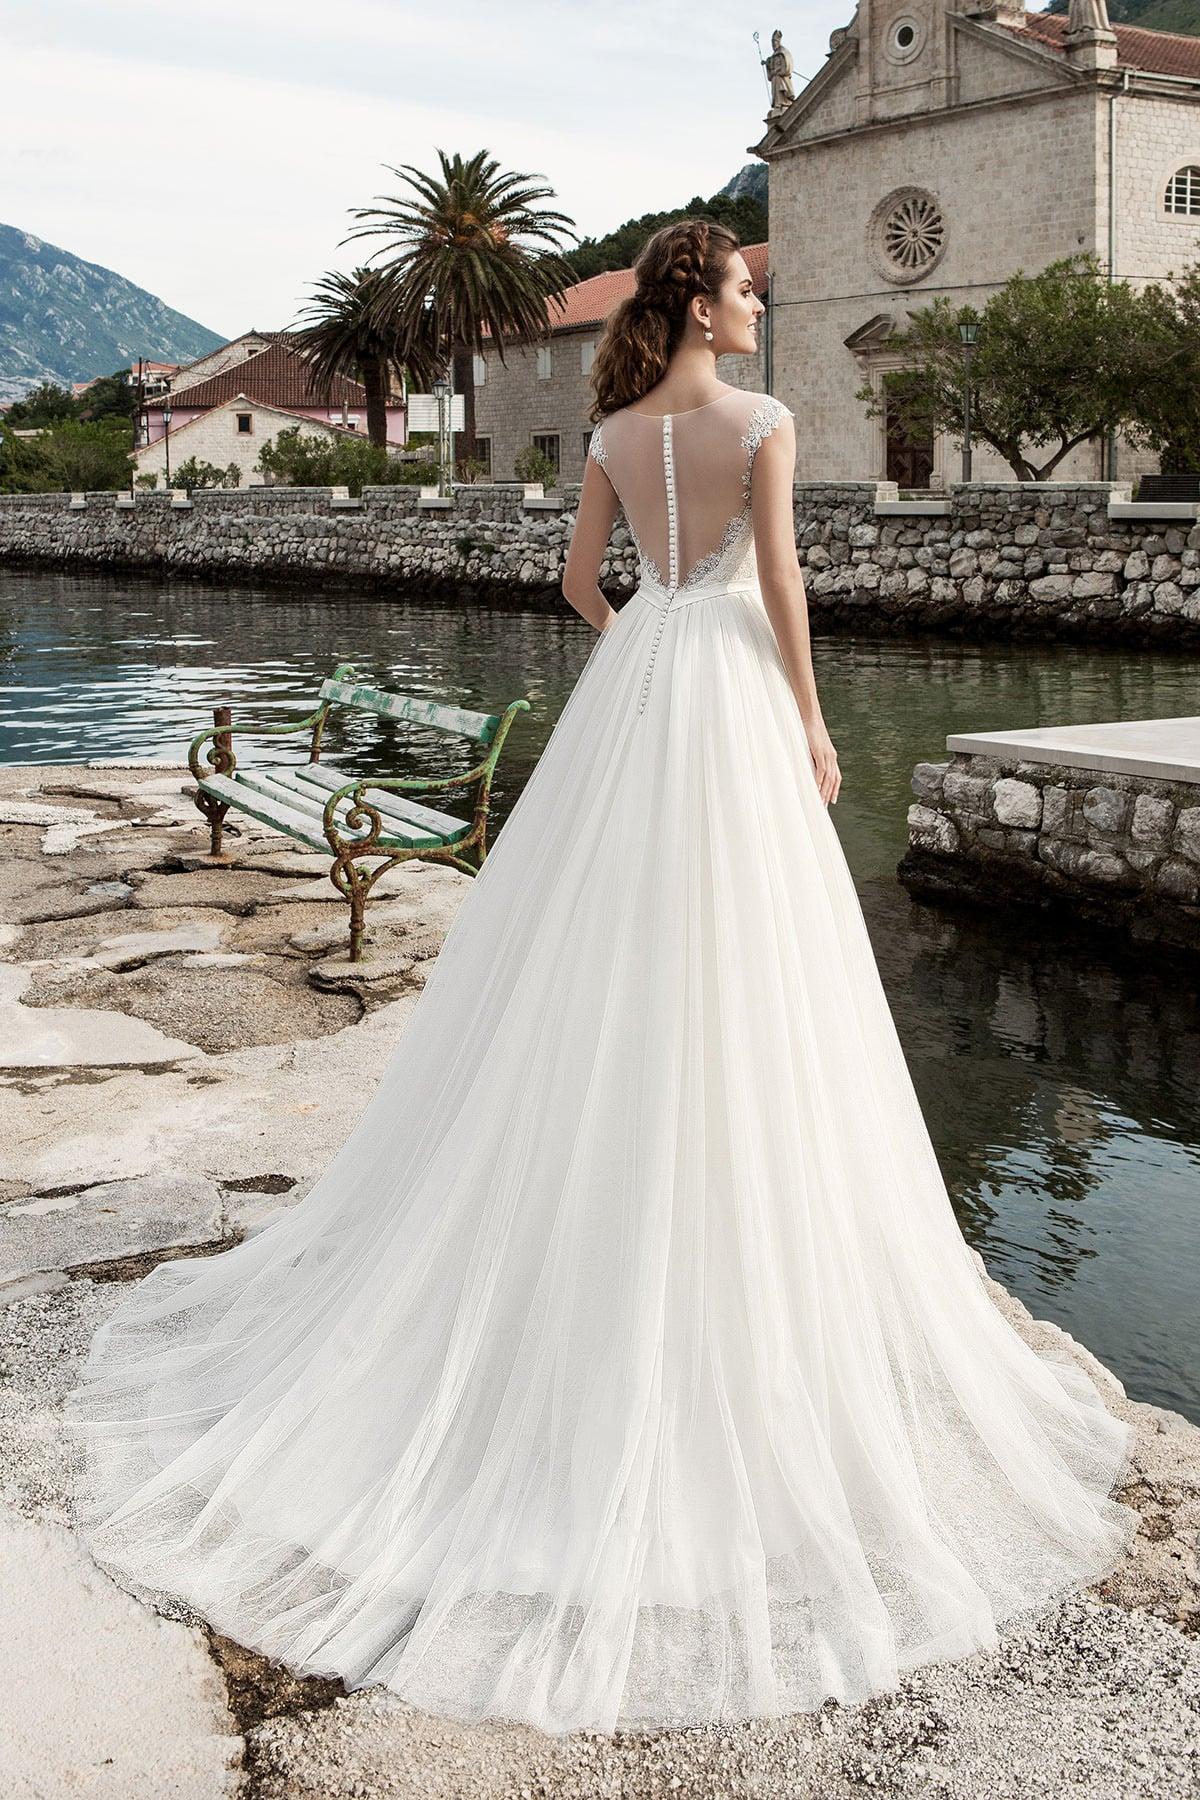 Прямое свадебное платье с кружевным верхом и изящным узким поясом на талии.